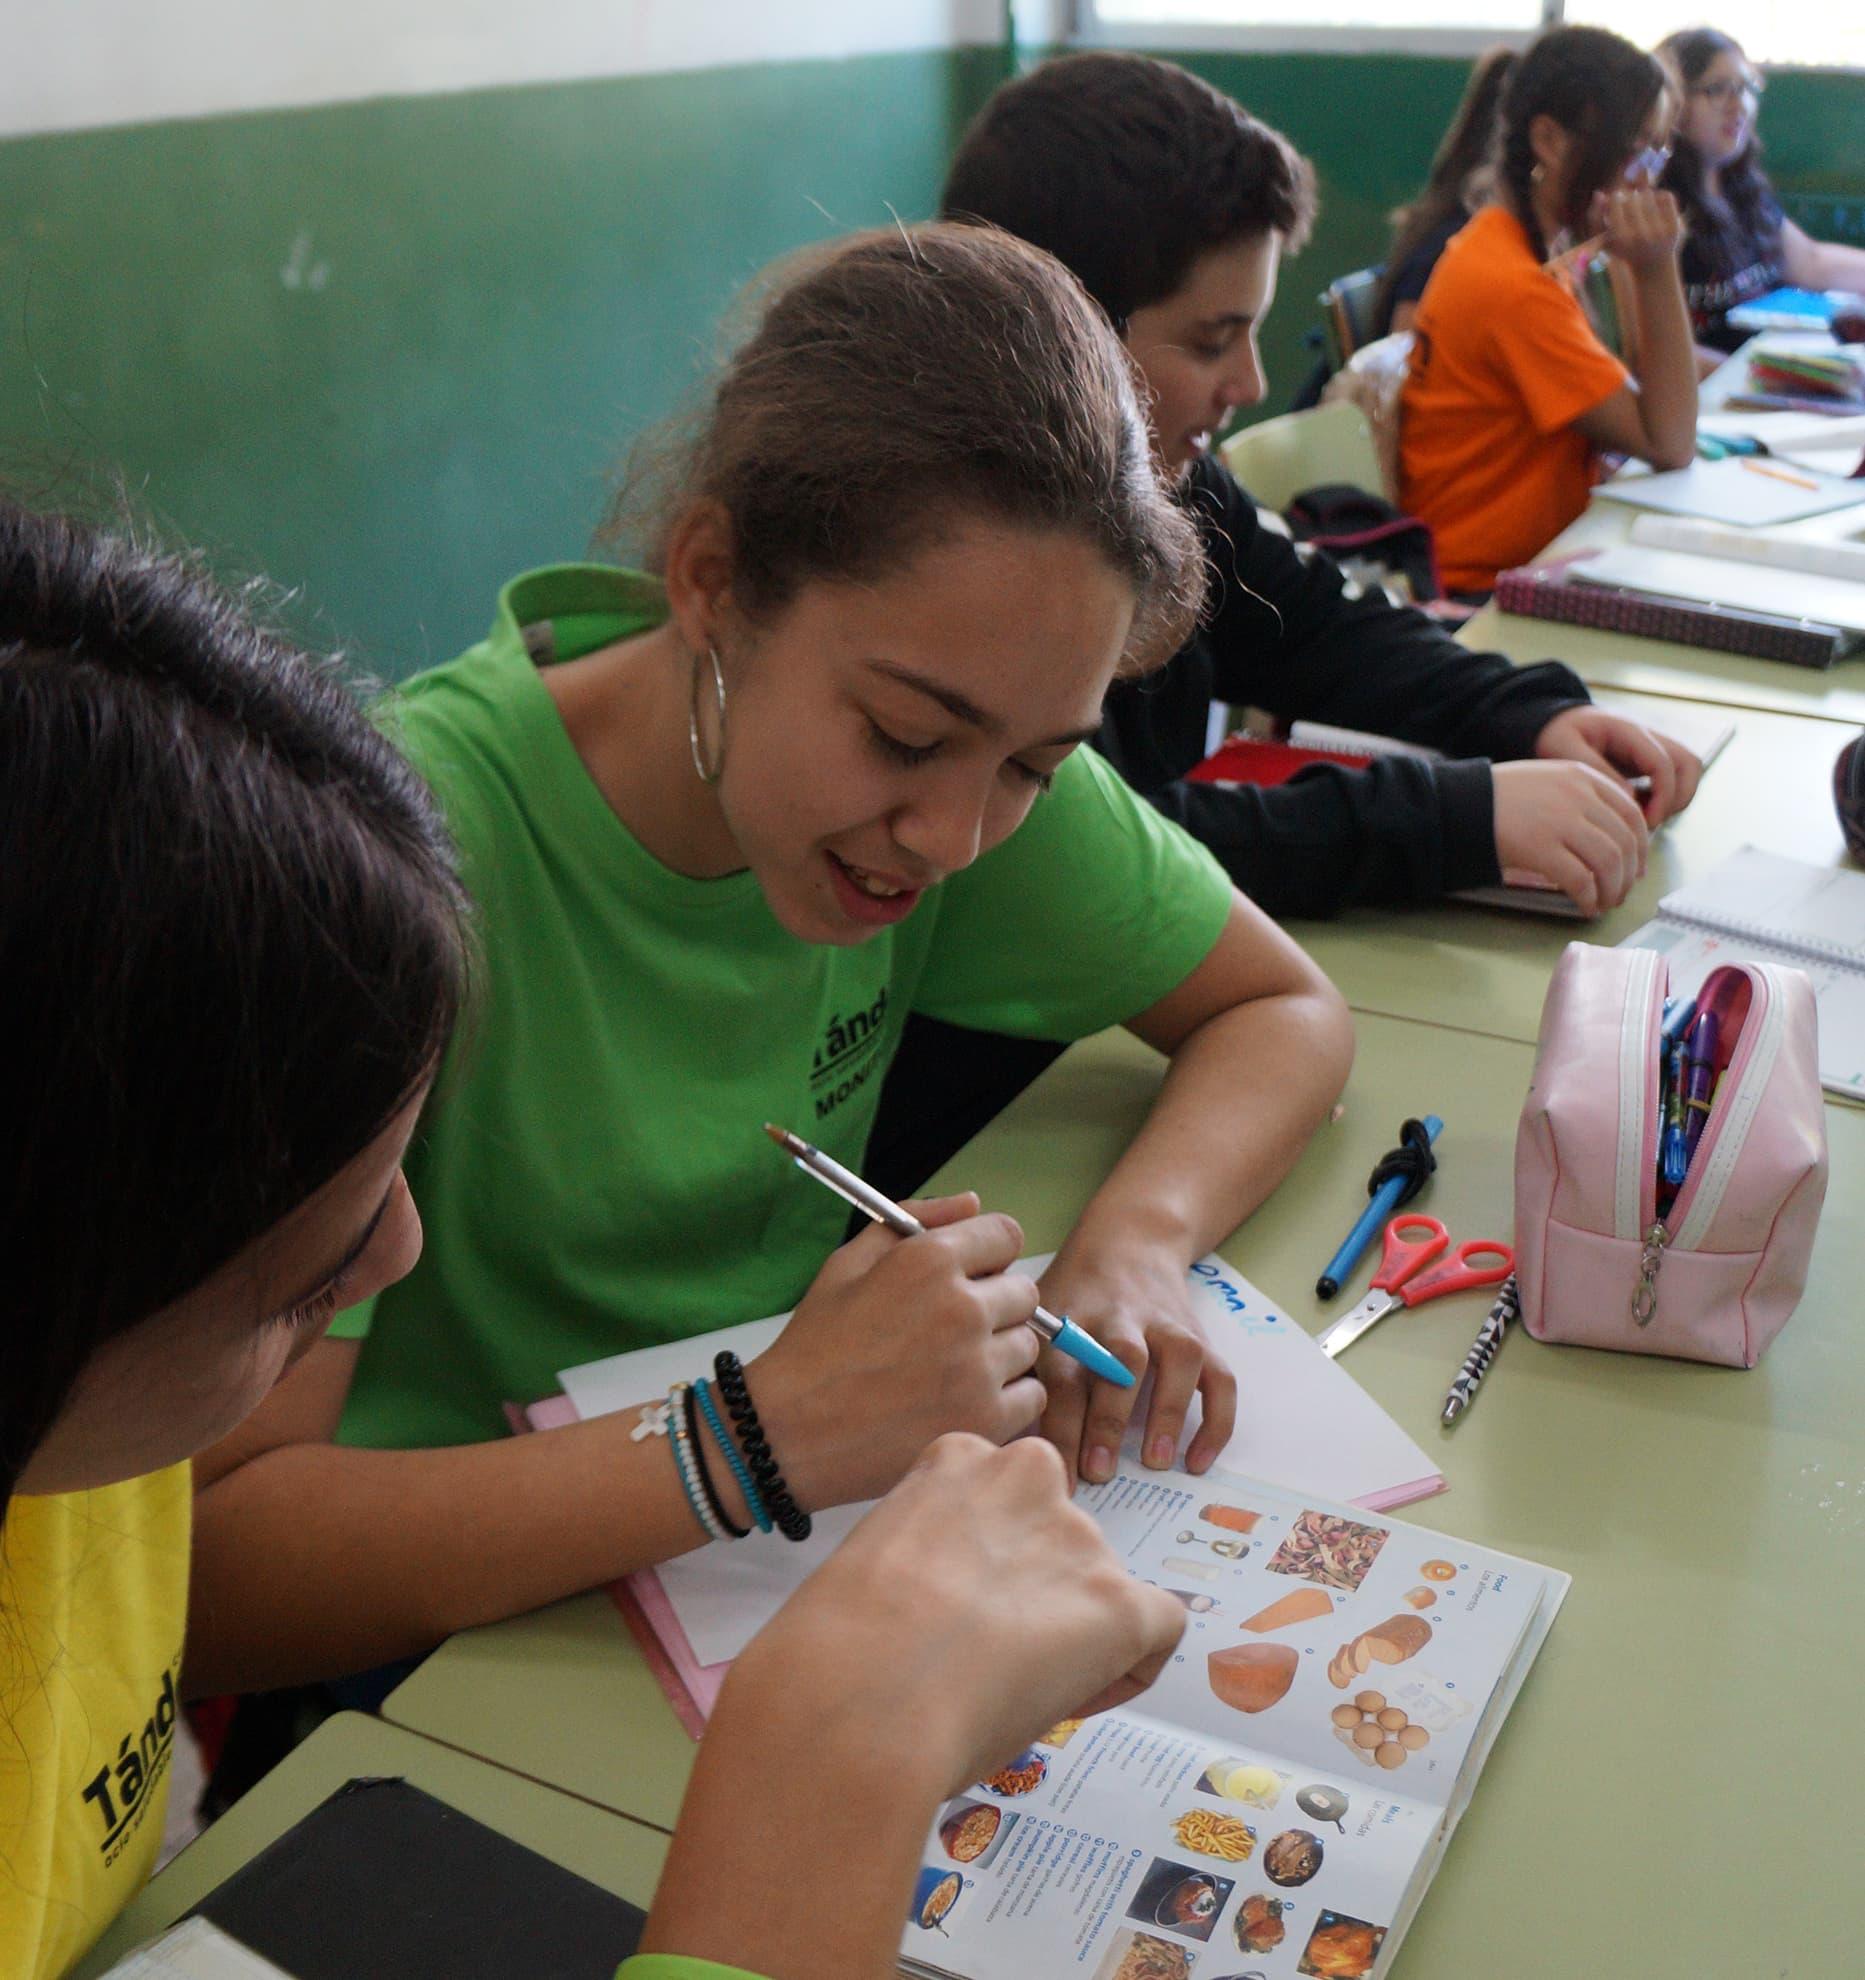 servicios-educativos-refuerza-estudiantes